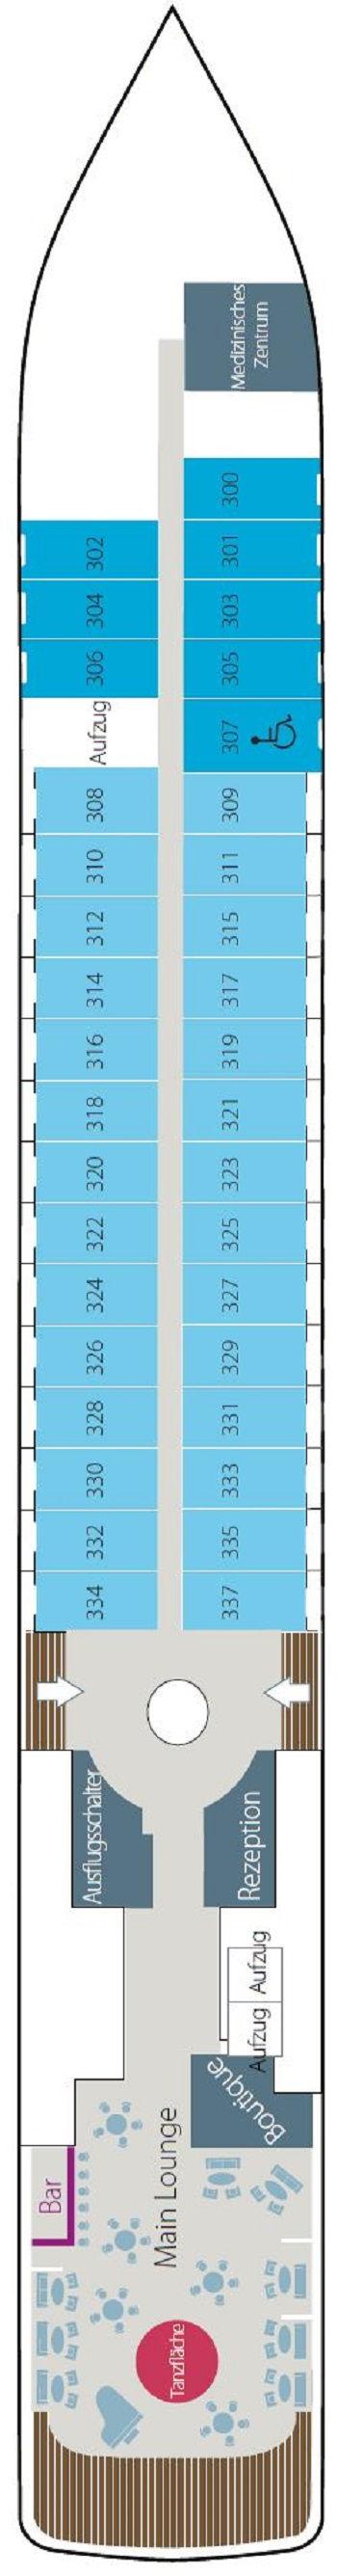 Le Lyrial - Deck 3